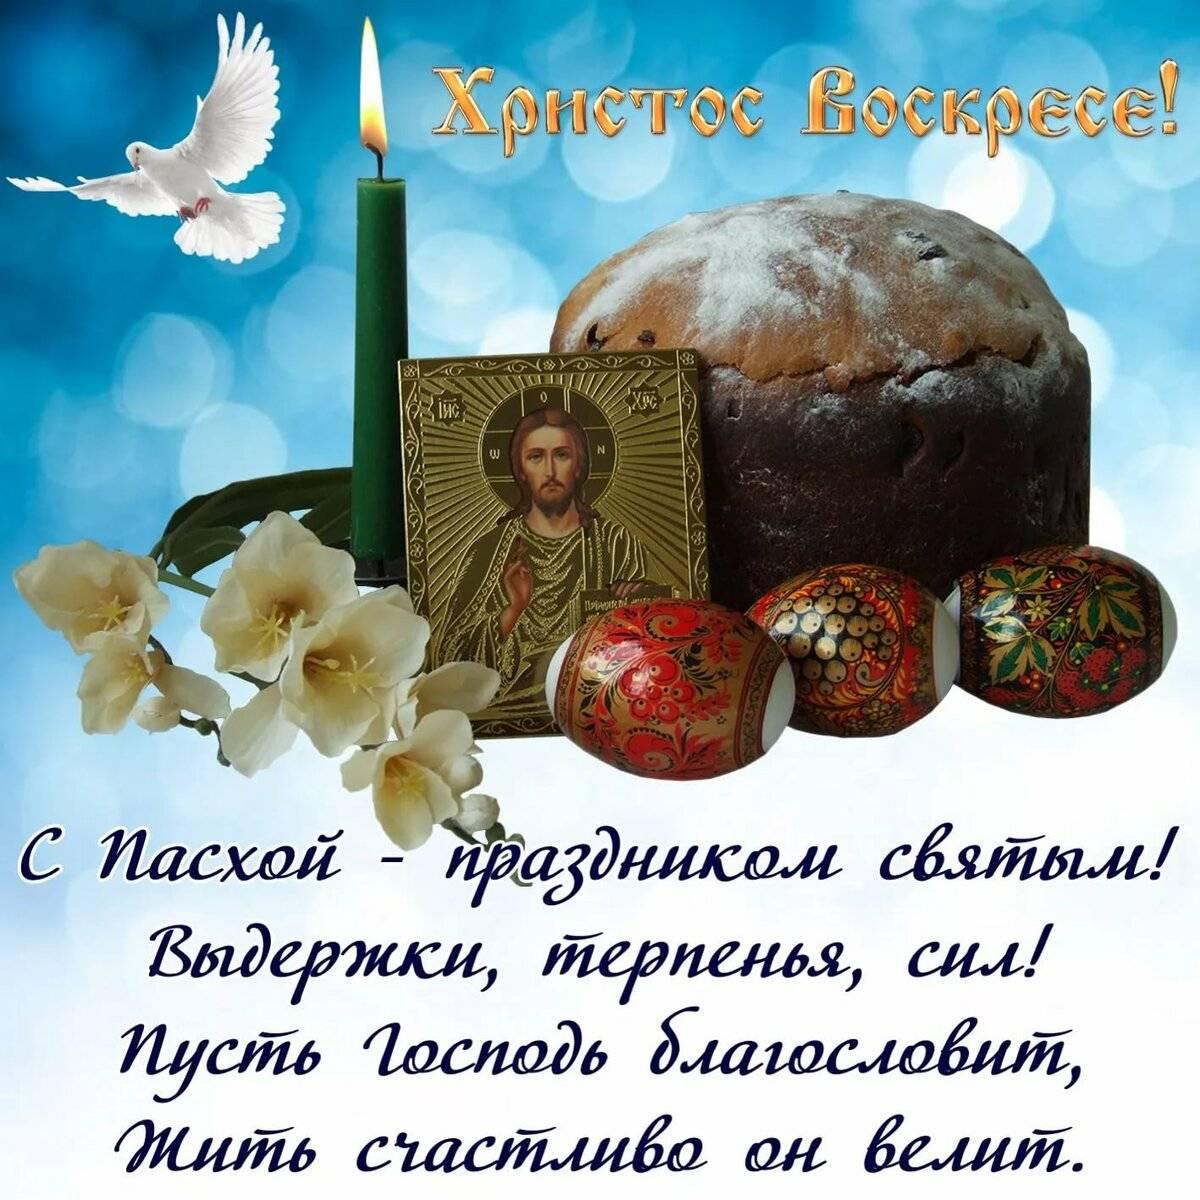 Красивые поздравления с пасхой 2020 православные и католические в стихах смс короткие